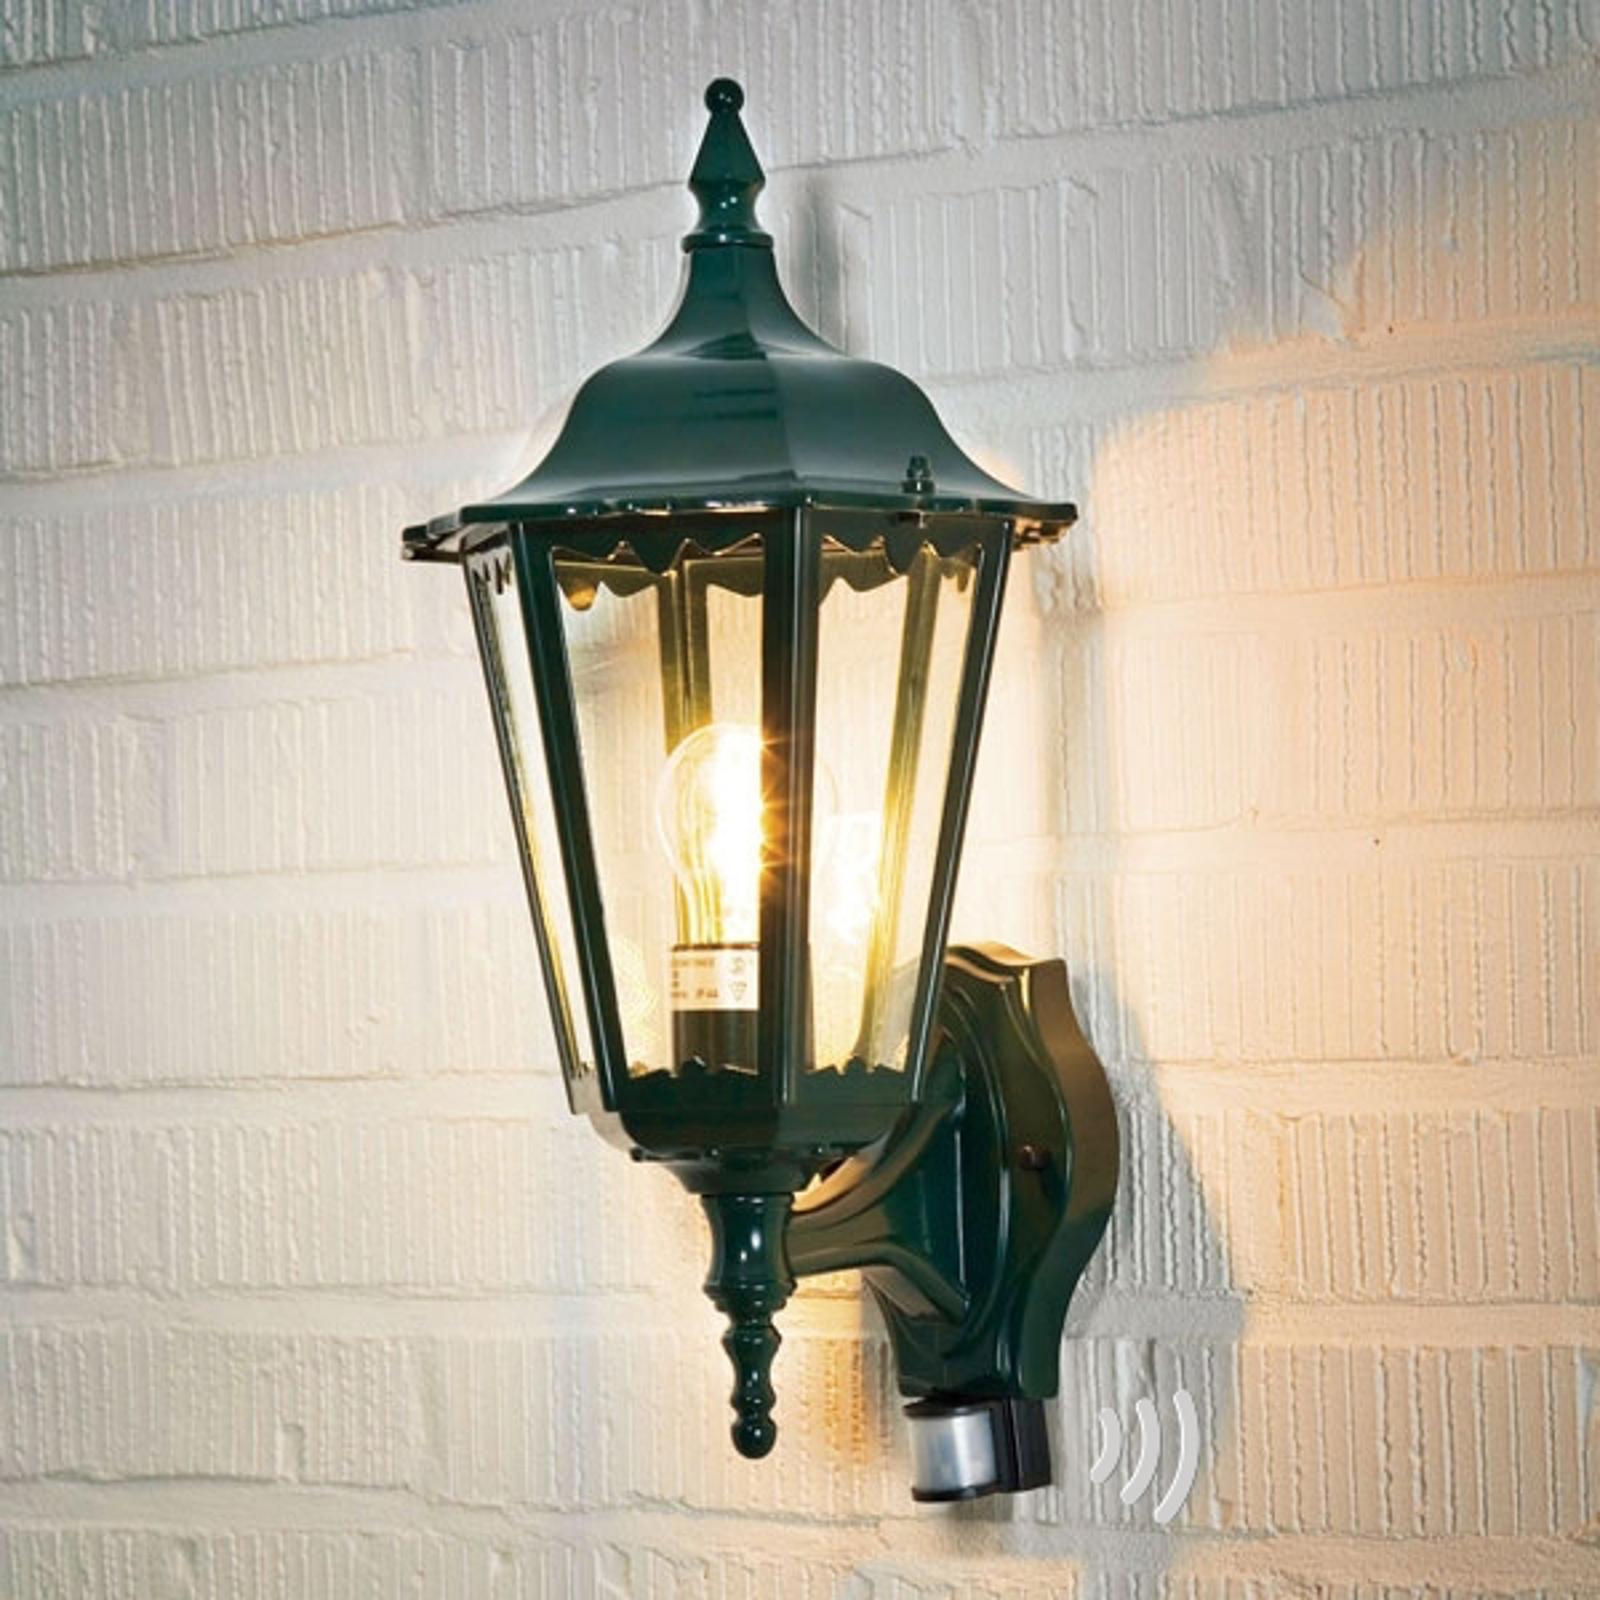 Buitenwandlamp Firenze, sensor, staand, groen